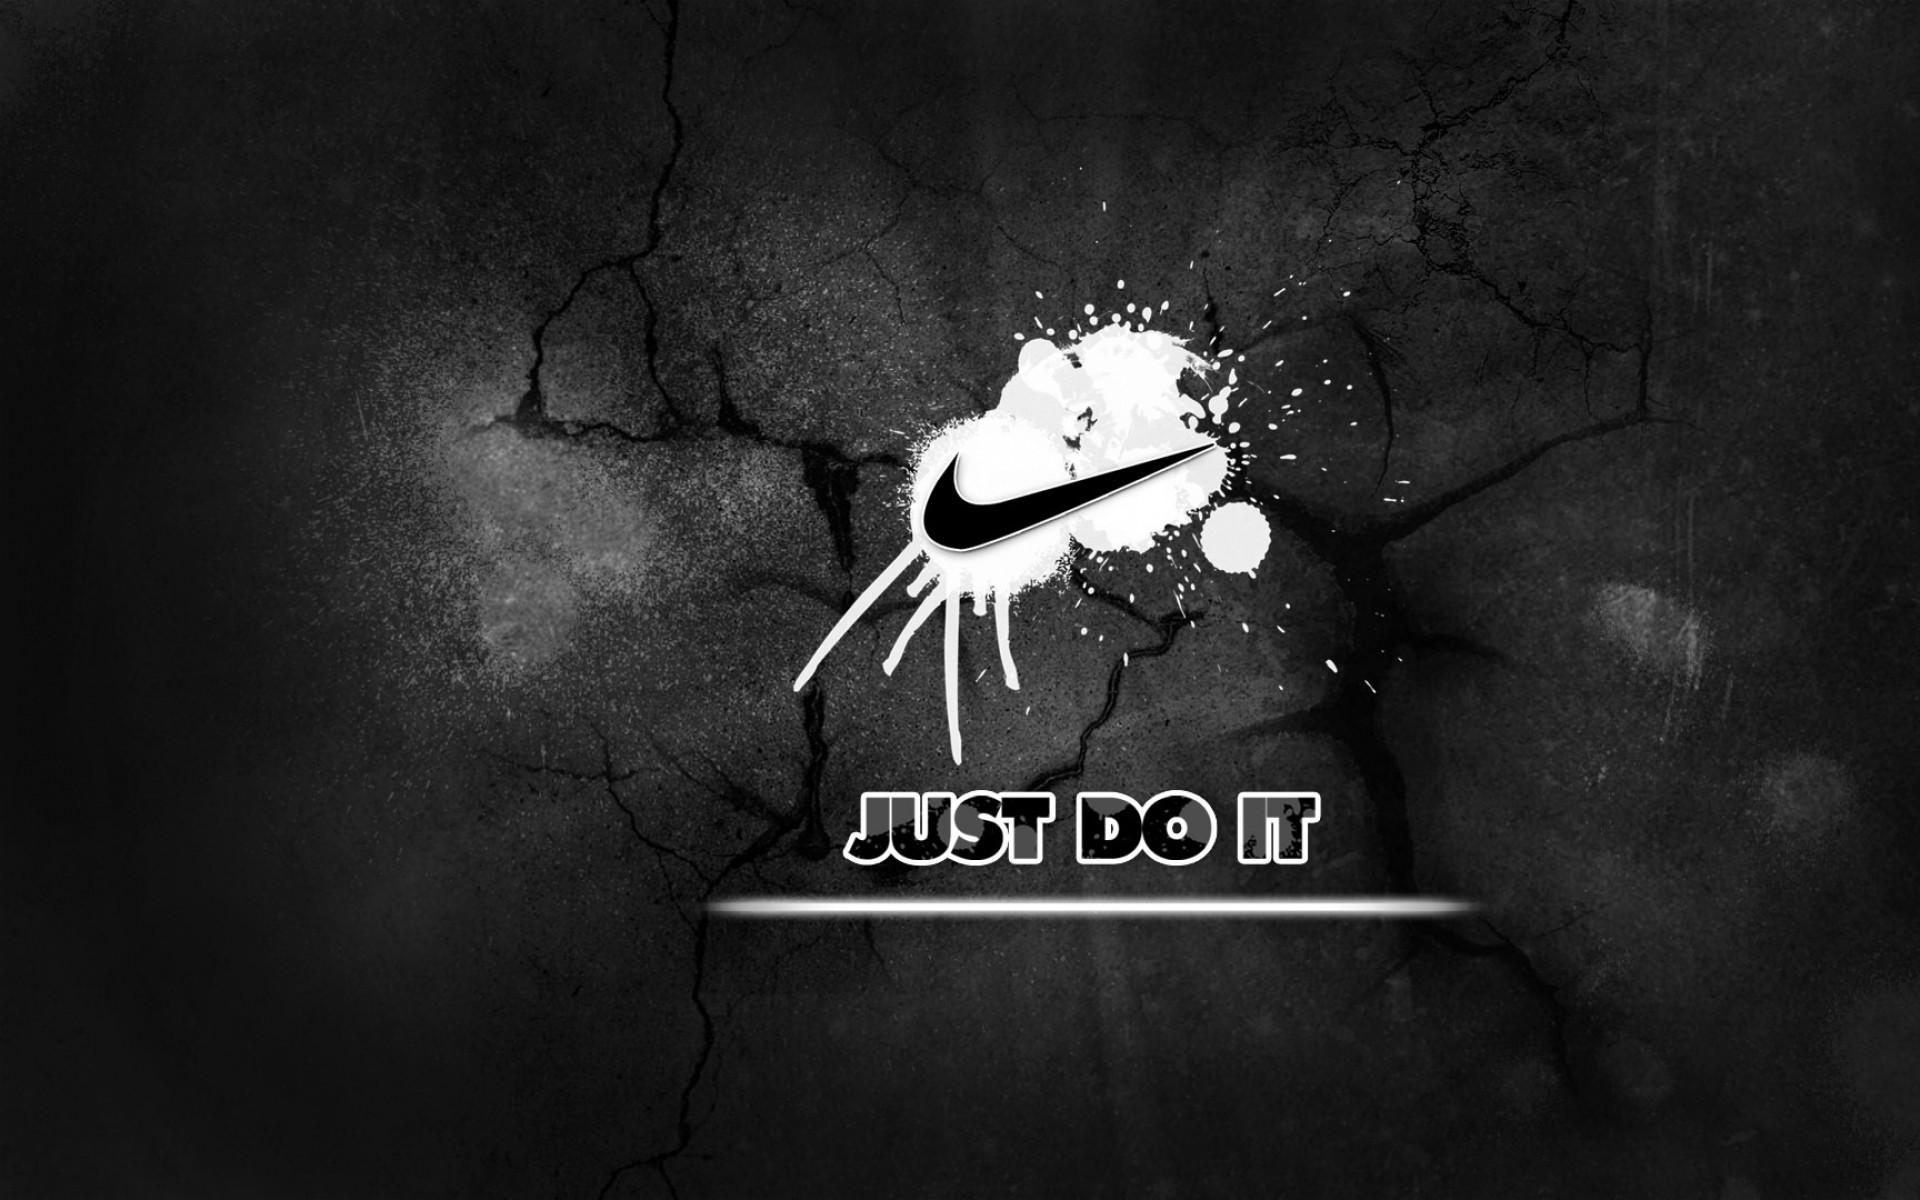 Just Do It HD desktop wallpaper : High Definition : Mobile Just Do It  Wallpaper Wallpapers)